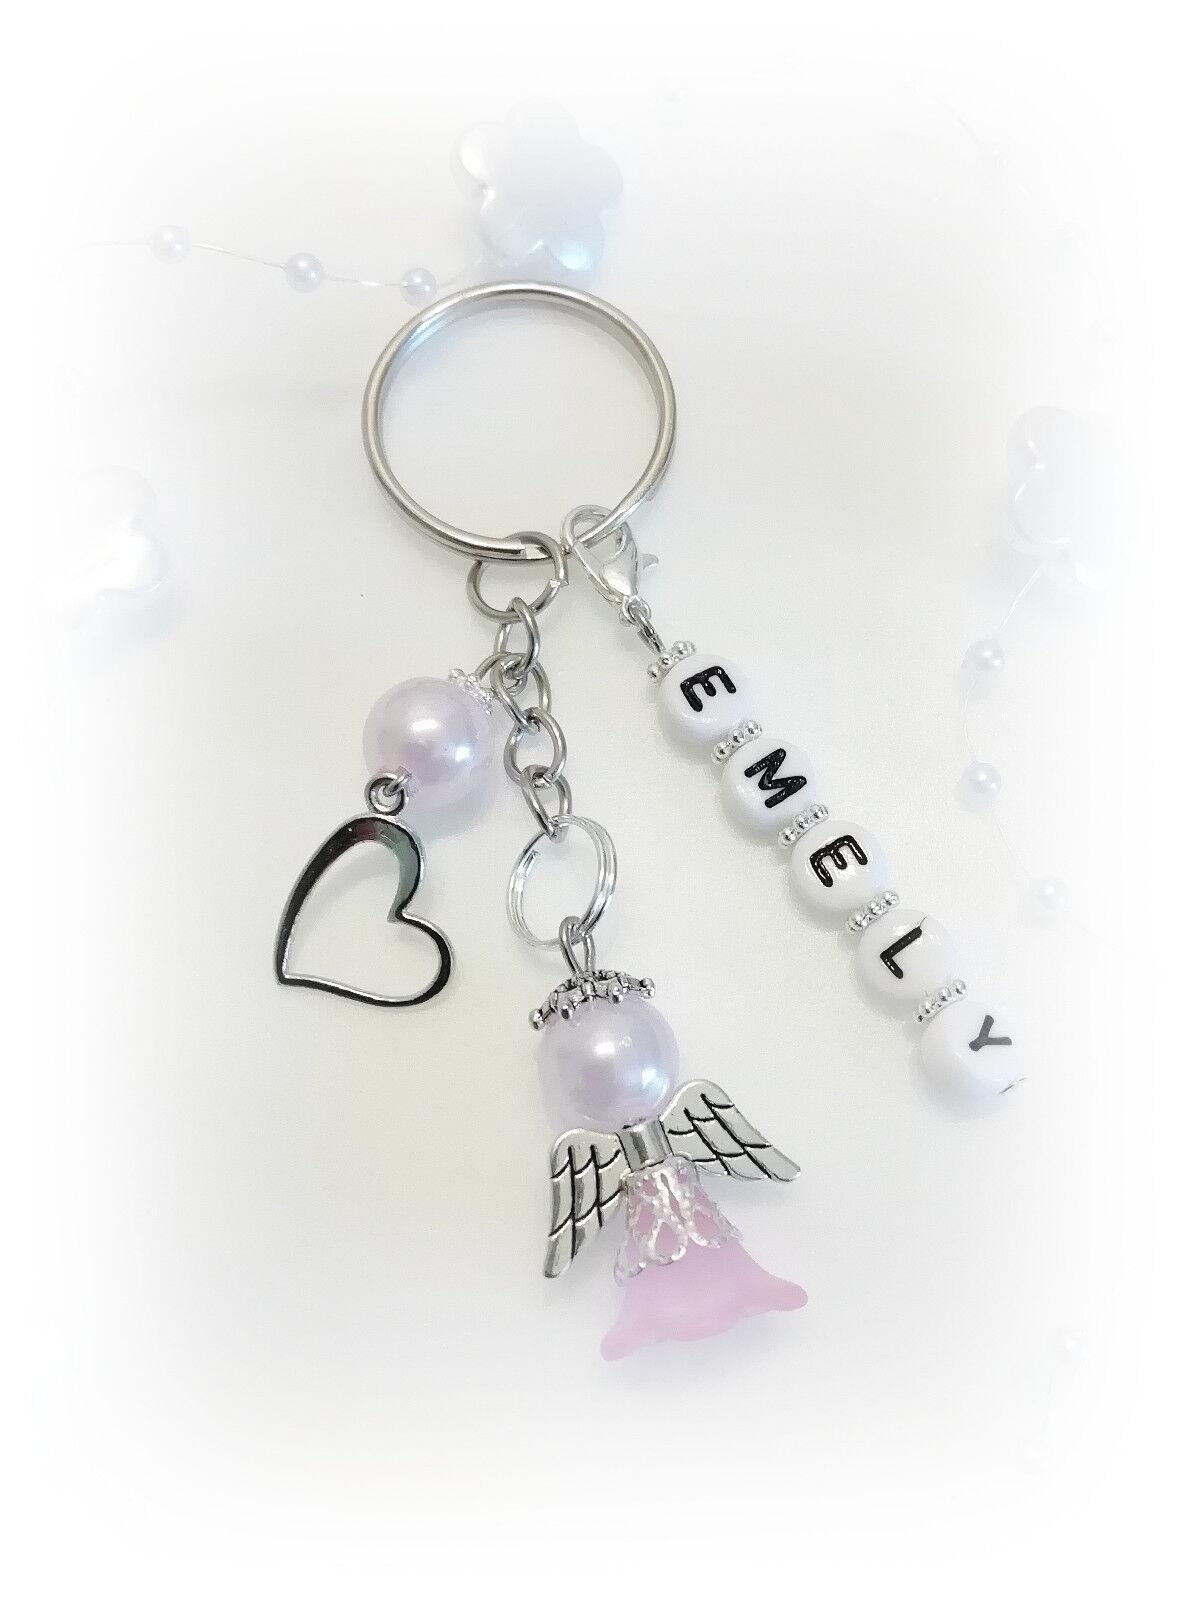 Perlenschutzengel Schlüssel-Anhänger Rosa mit Wunschname-Geschenk Handmade Neu